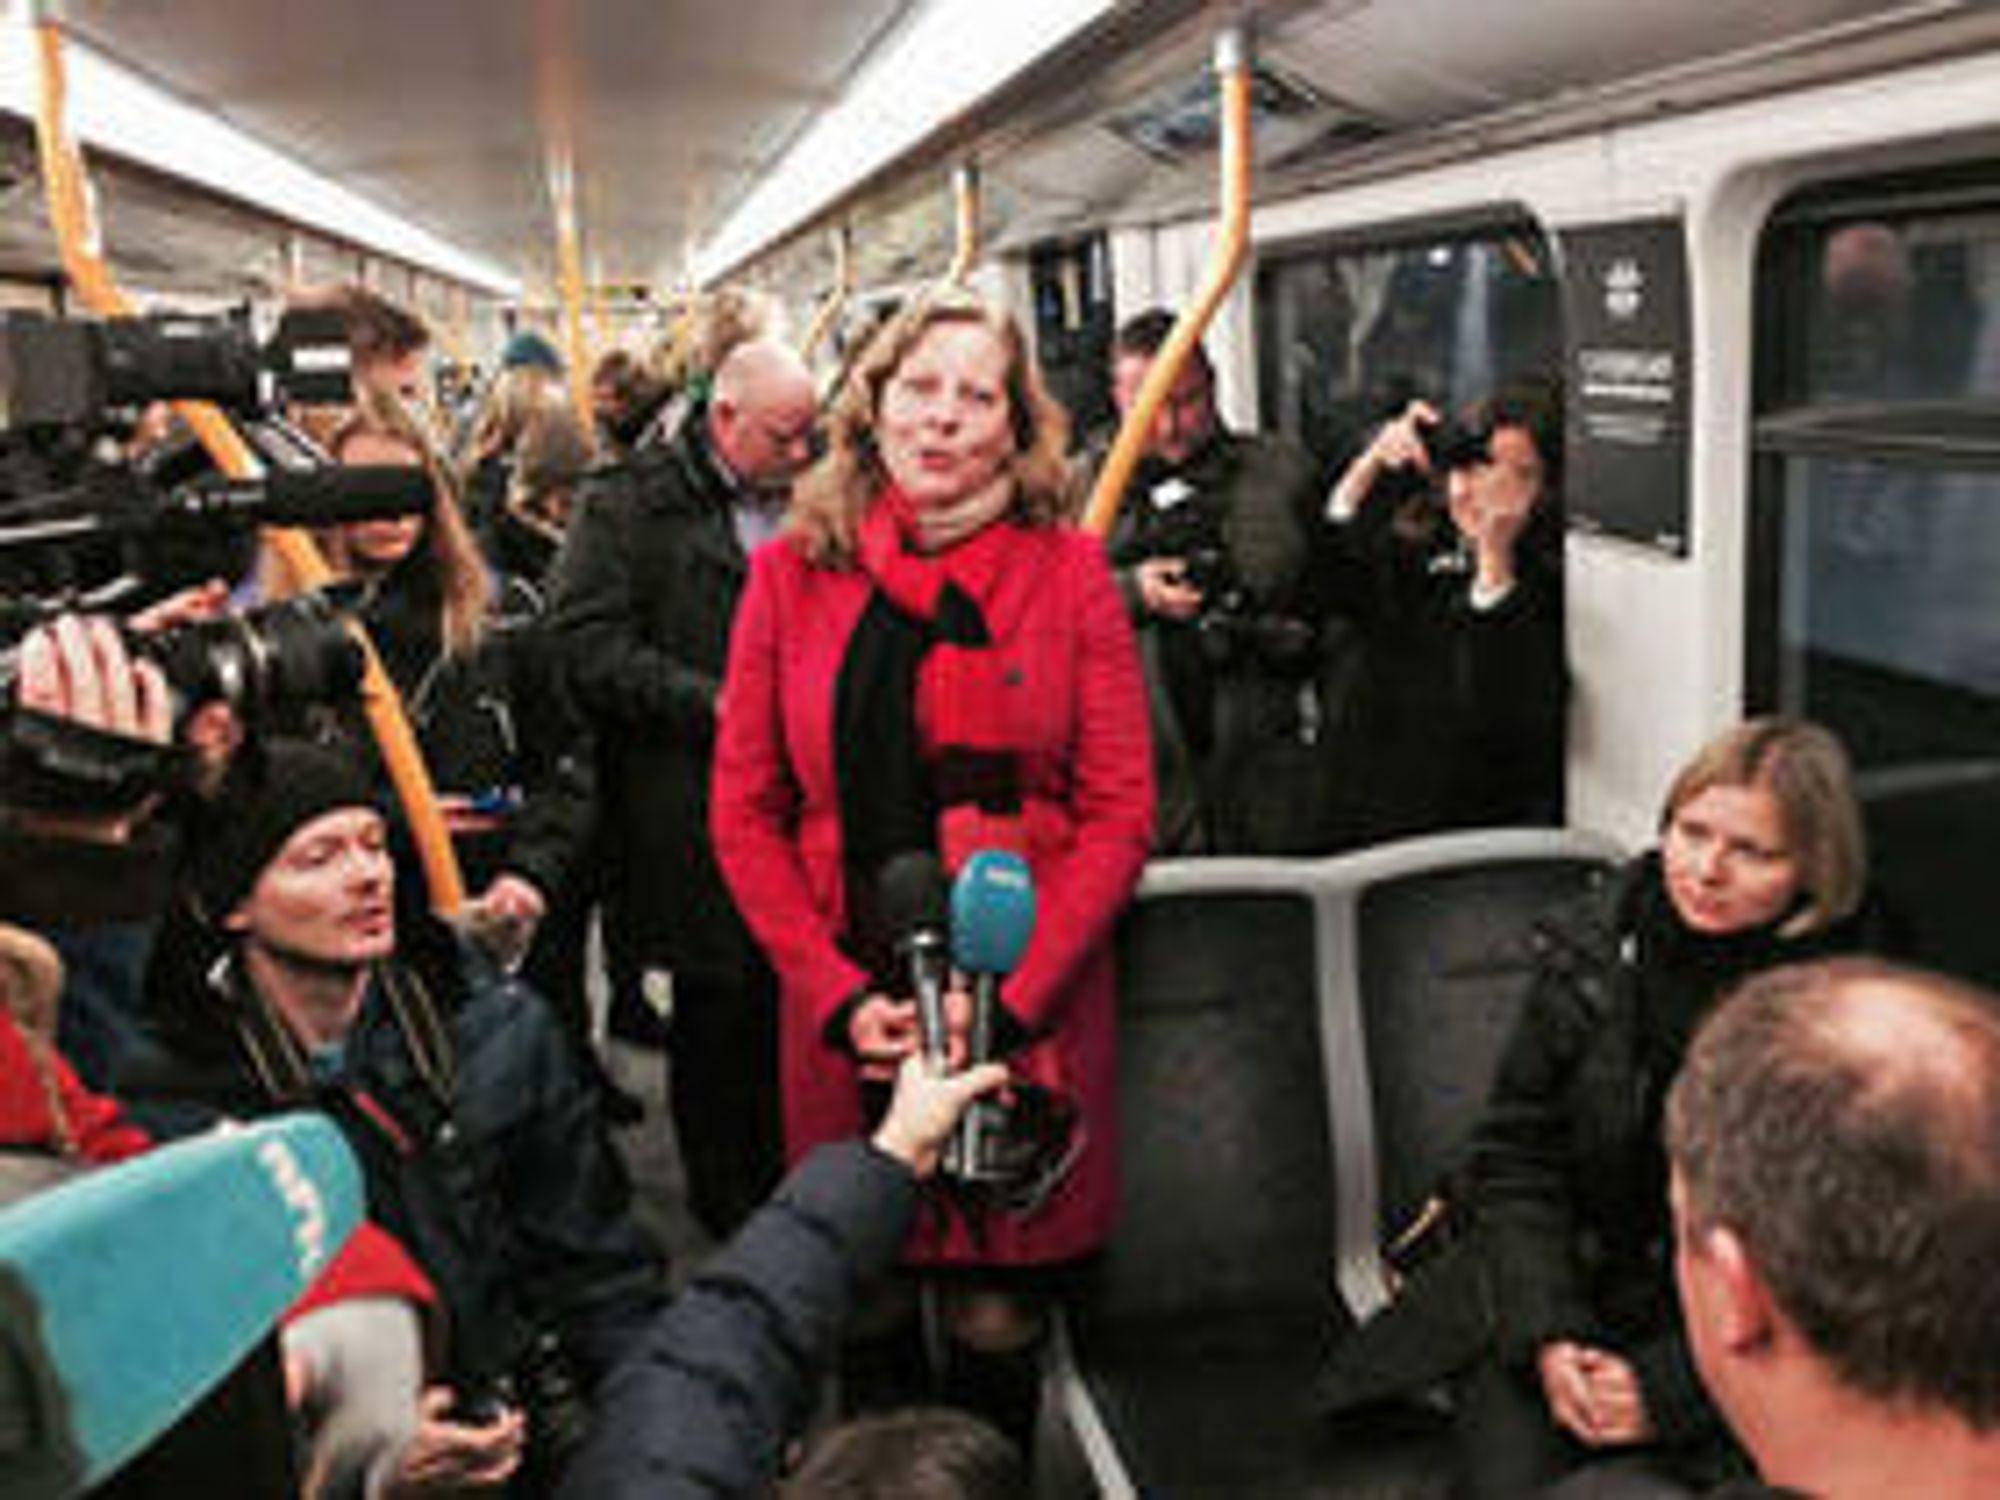 Telenor-sjef Berit Svendsen fra dagens pressekonferanse, som uvanlig fant sted ombord på t-banen.